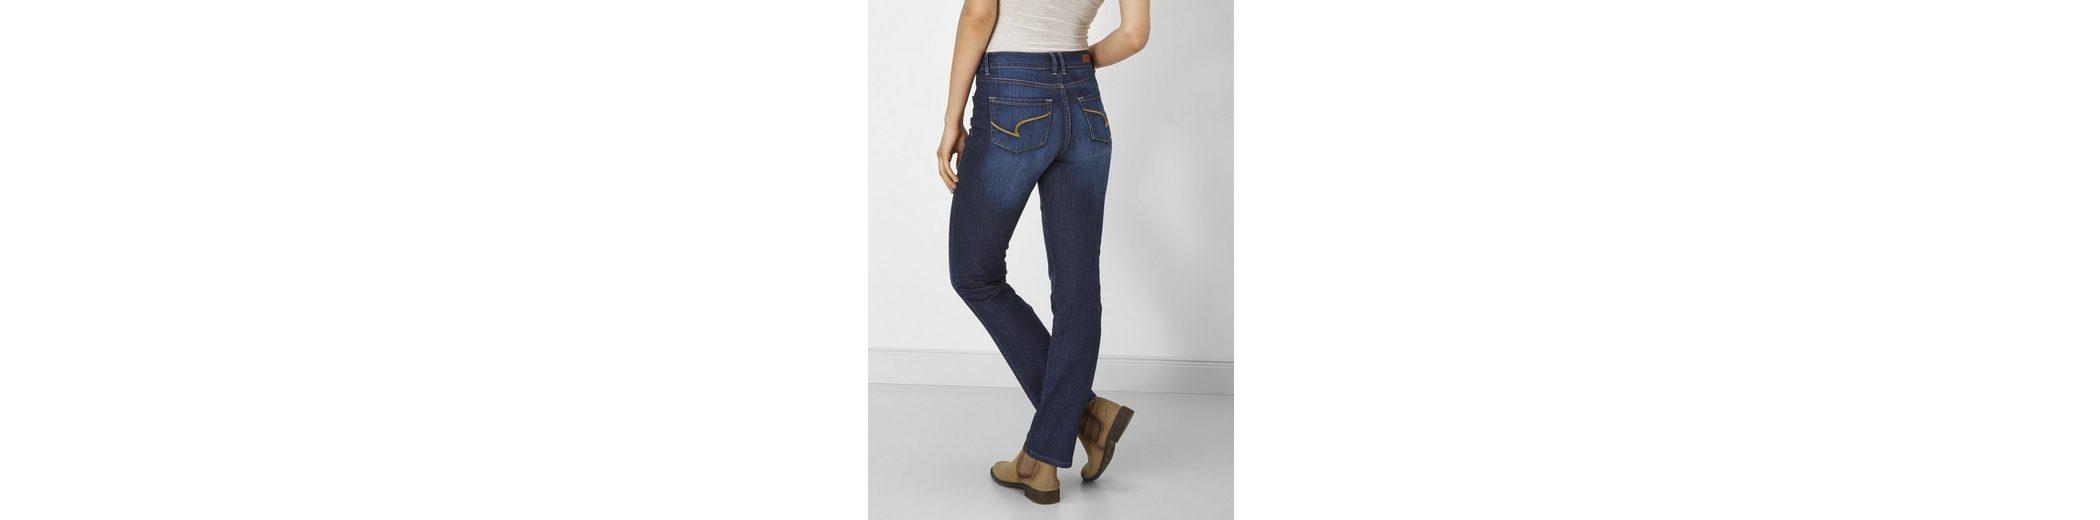 PADDOCK'S High-waist Stretch Jeans KATE Spielraum Beliebt EfJg9mGL